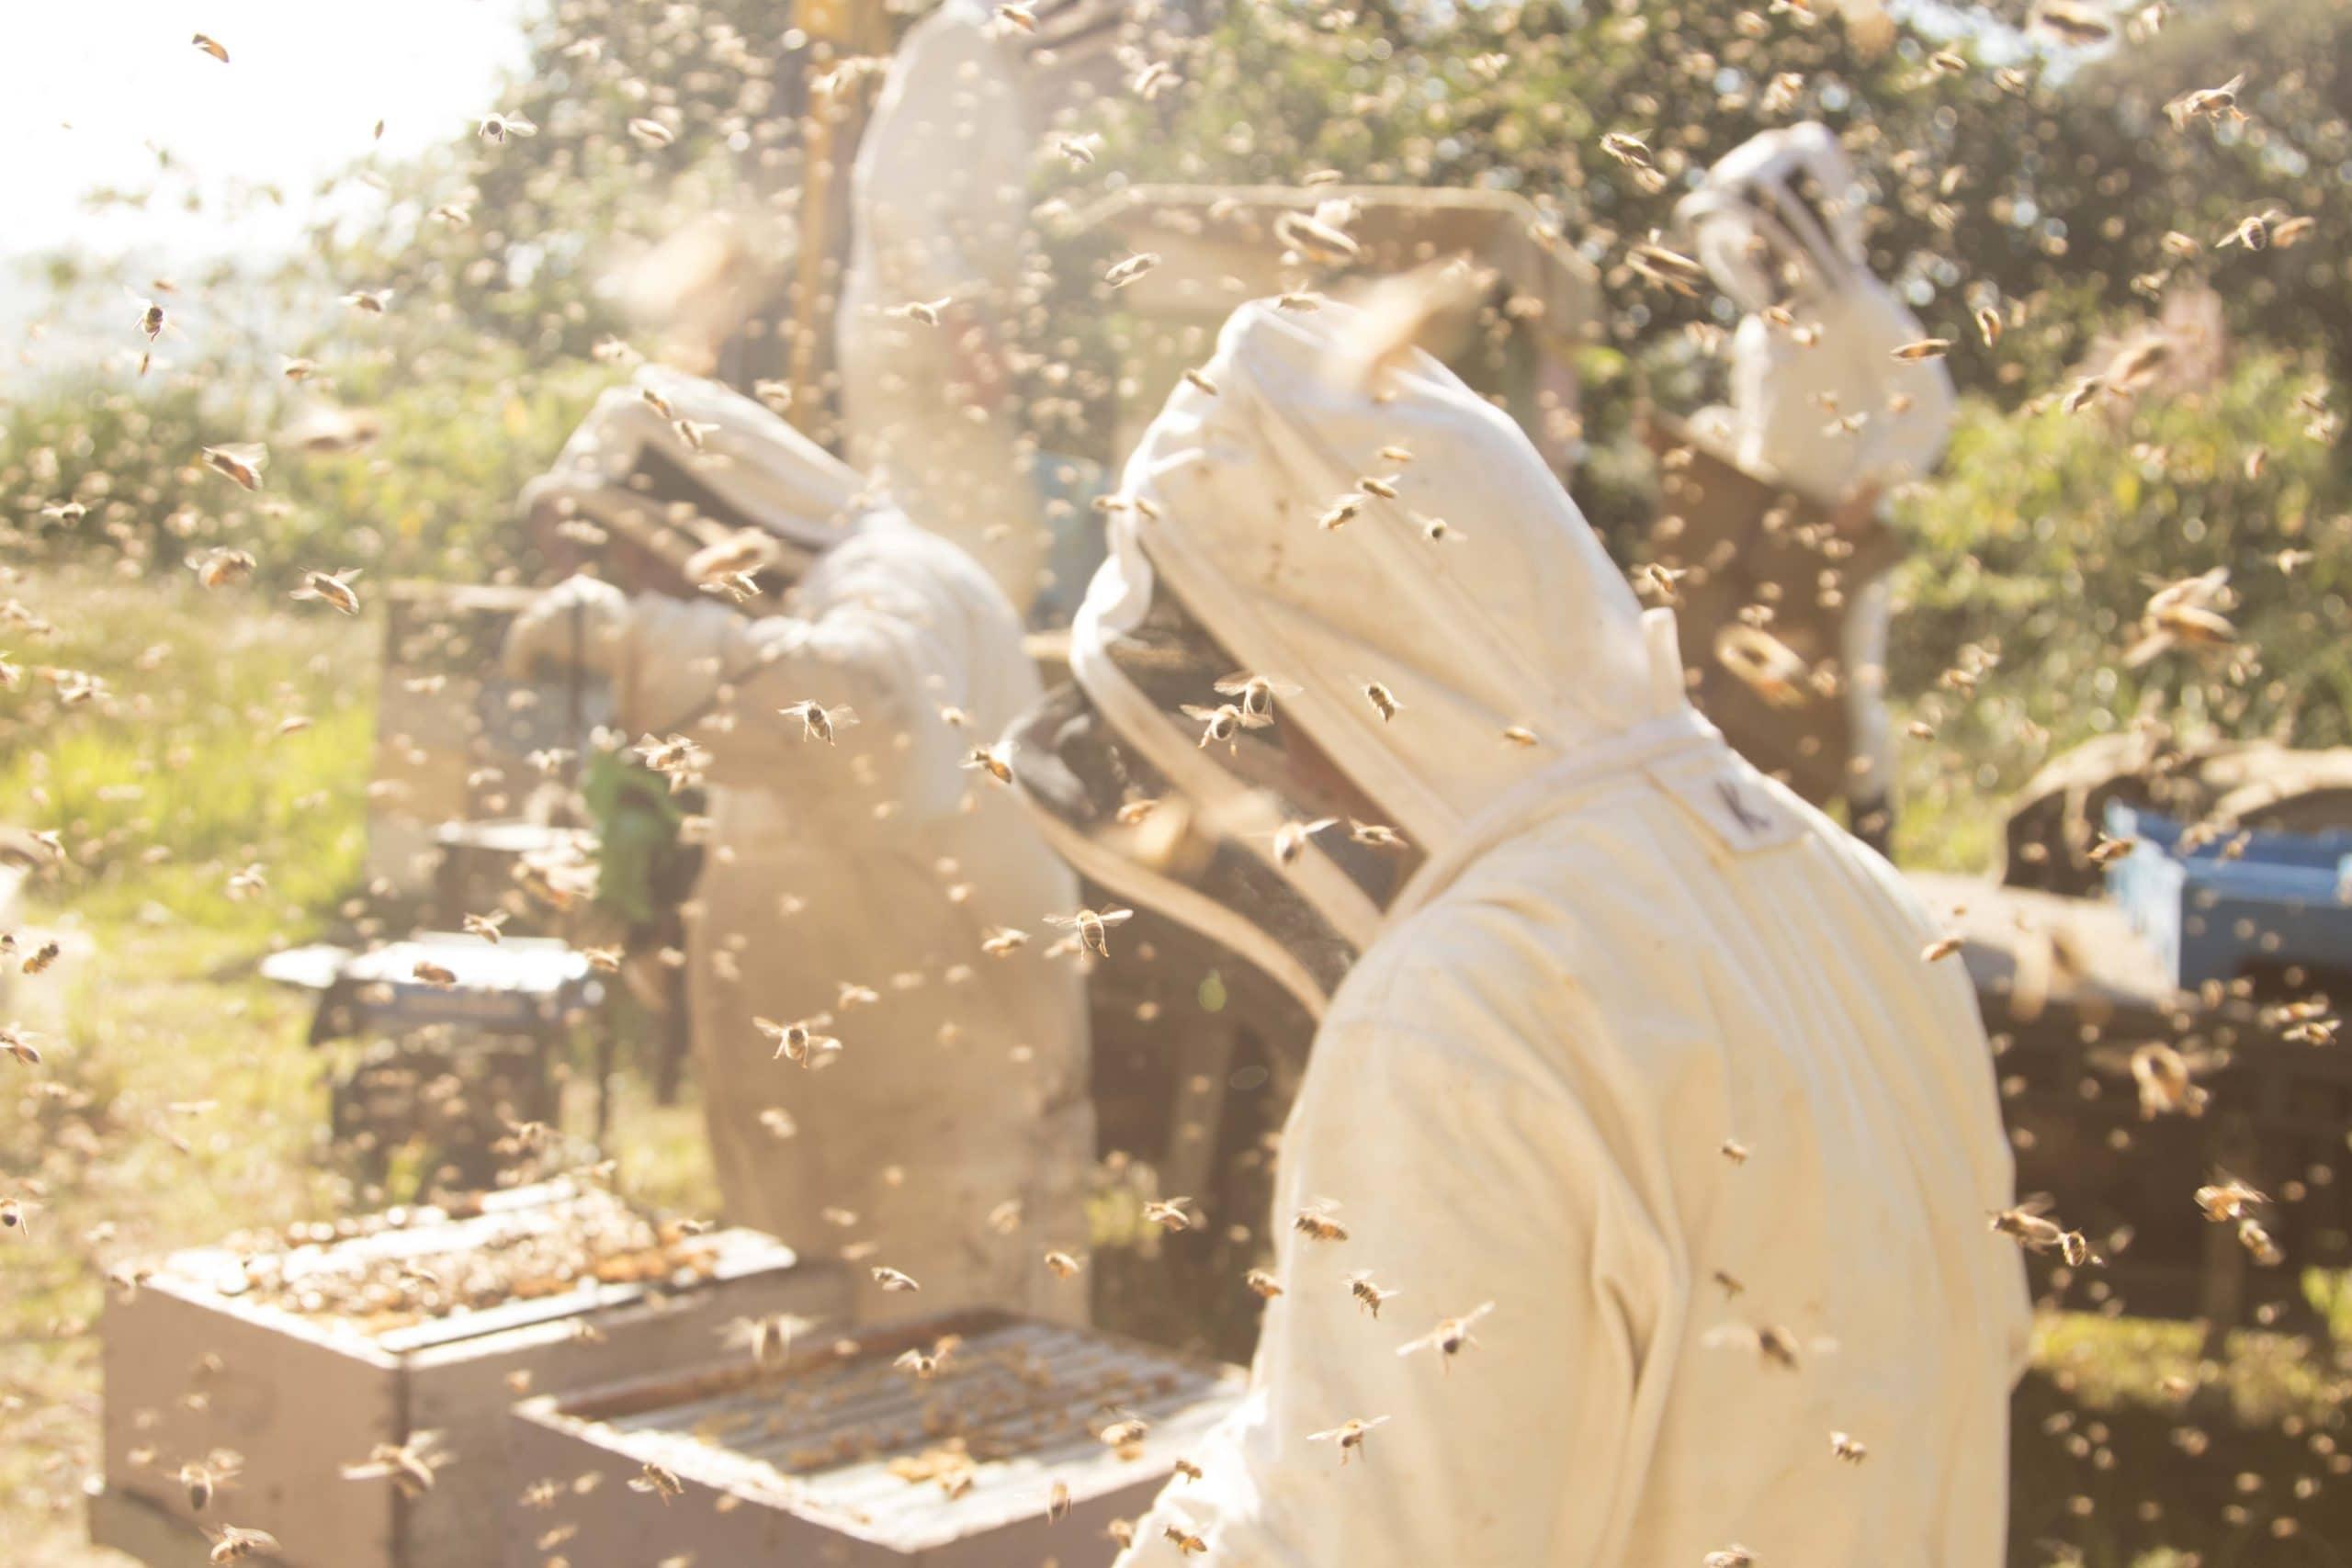 7 معلومات حول عسل المانوكا كُل مقالة!